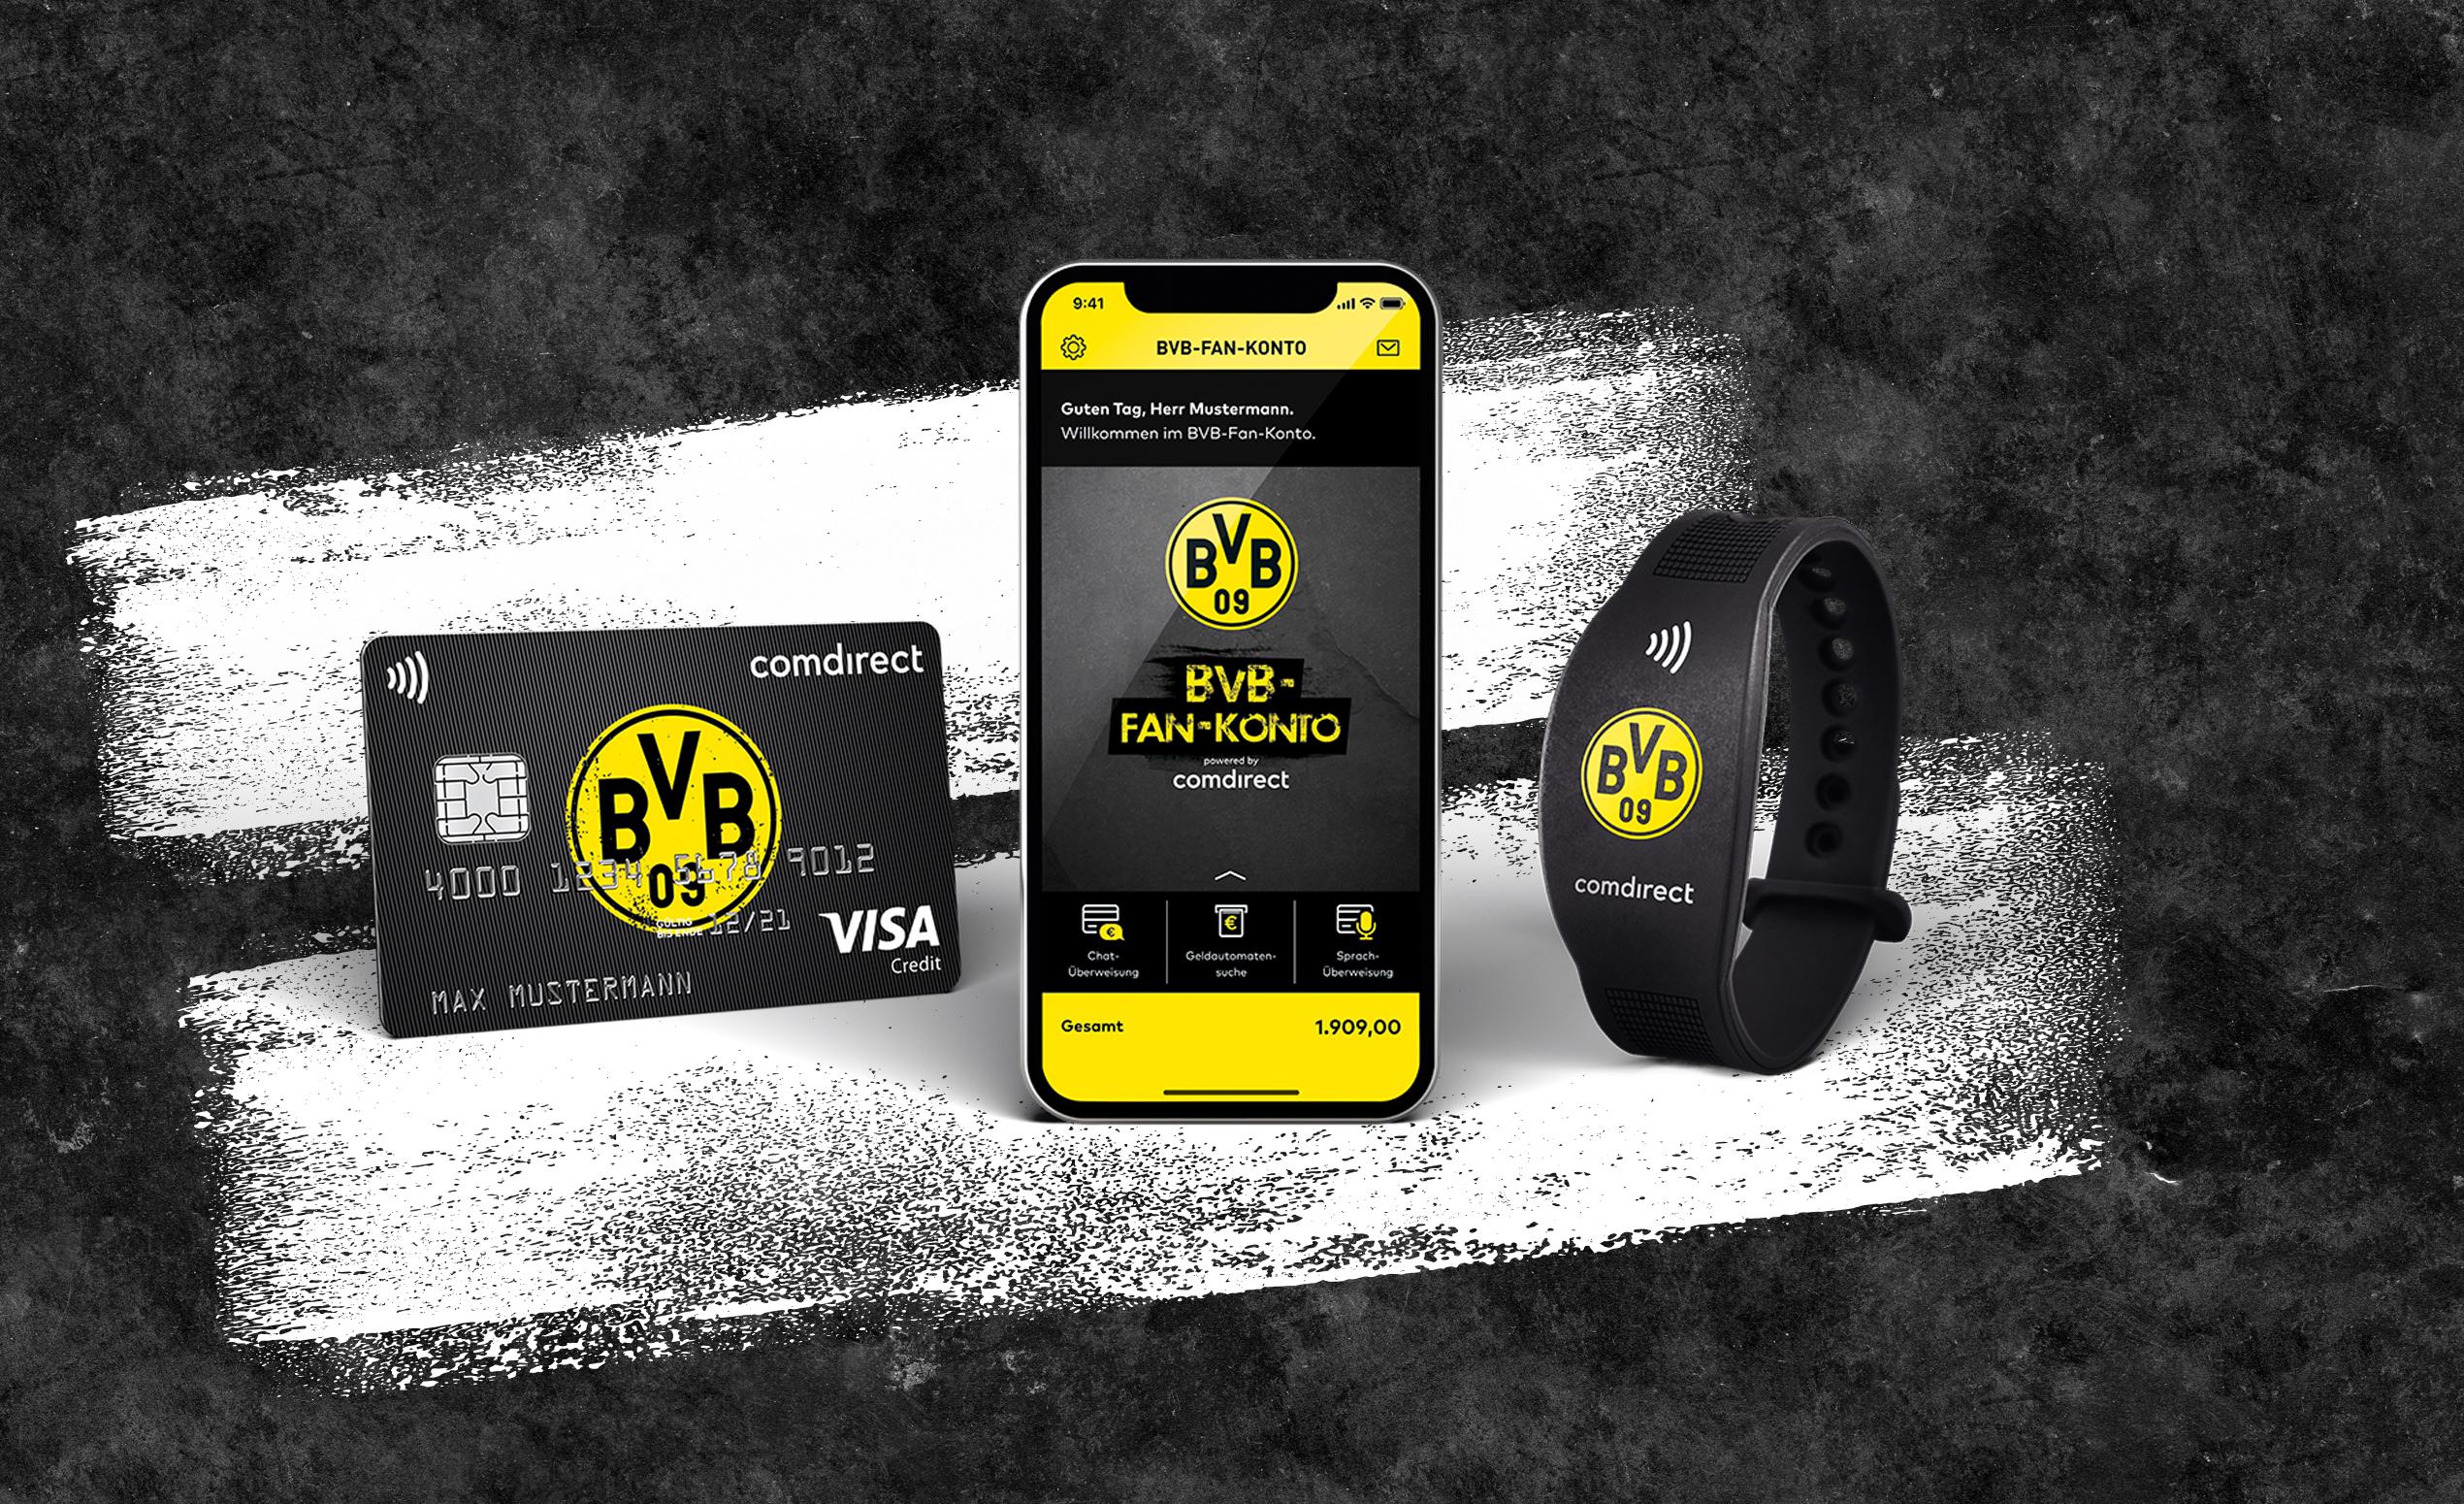 Visa Karte Comdirect.Comdirect Und Bvb Banking Partner Im Sinne Der Fans Presseportal